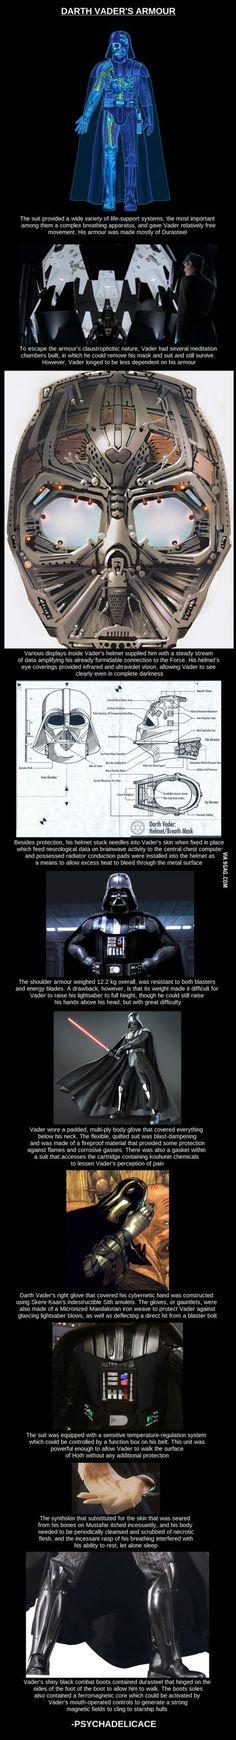 Darth Vader's Armor